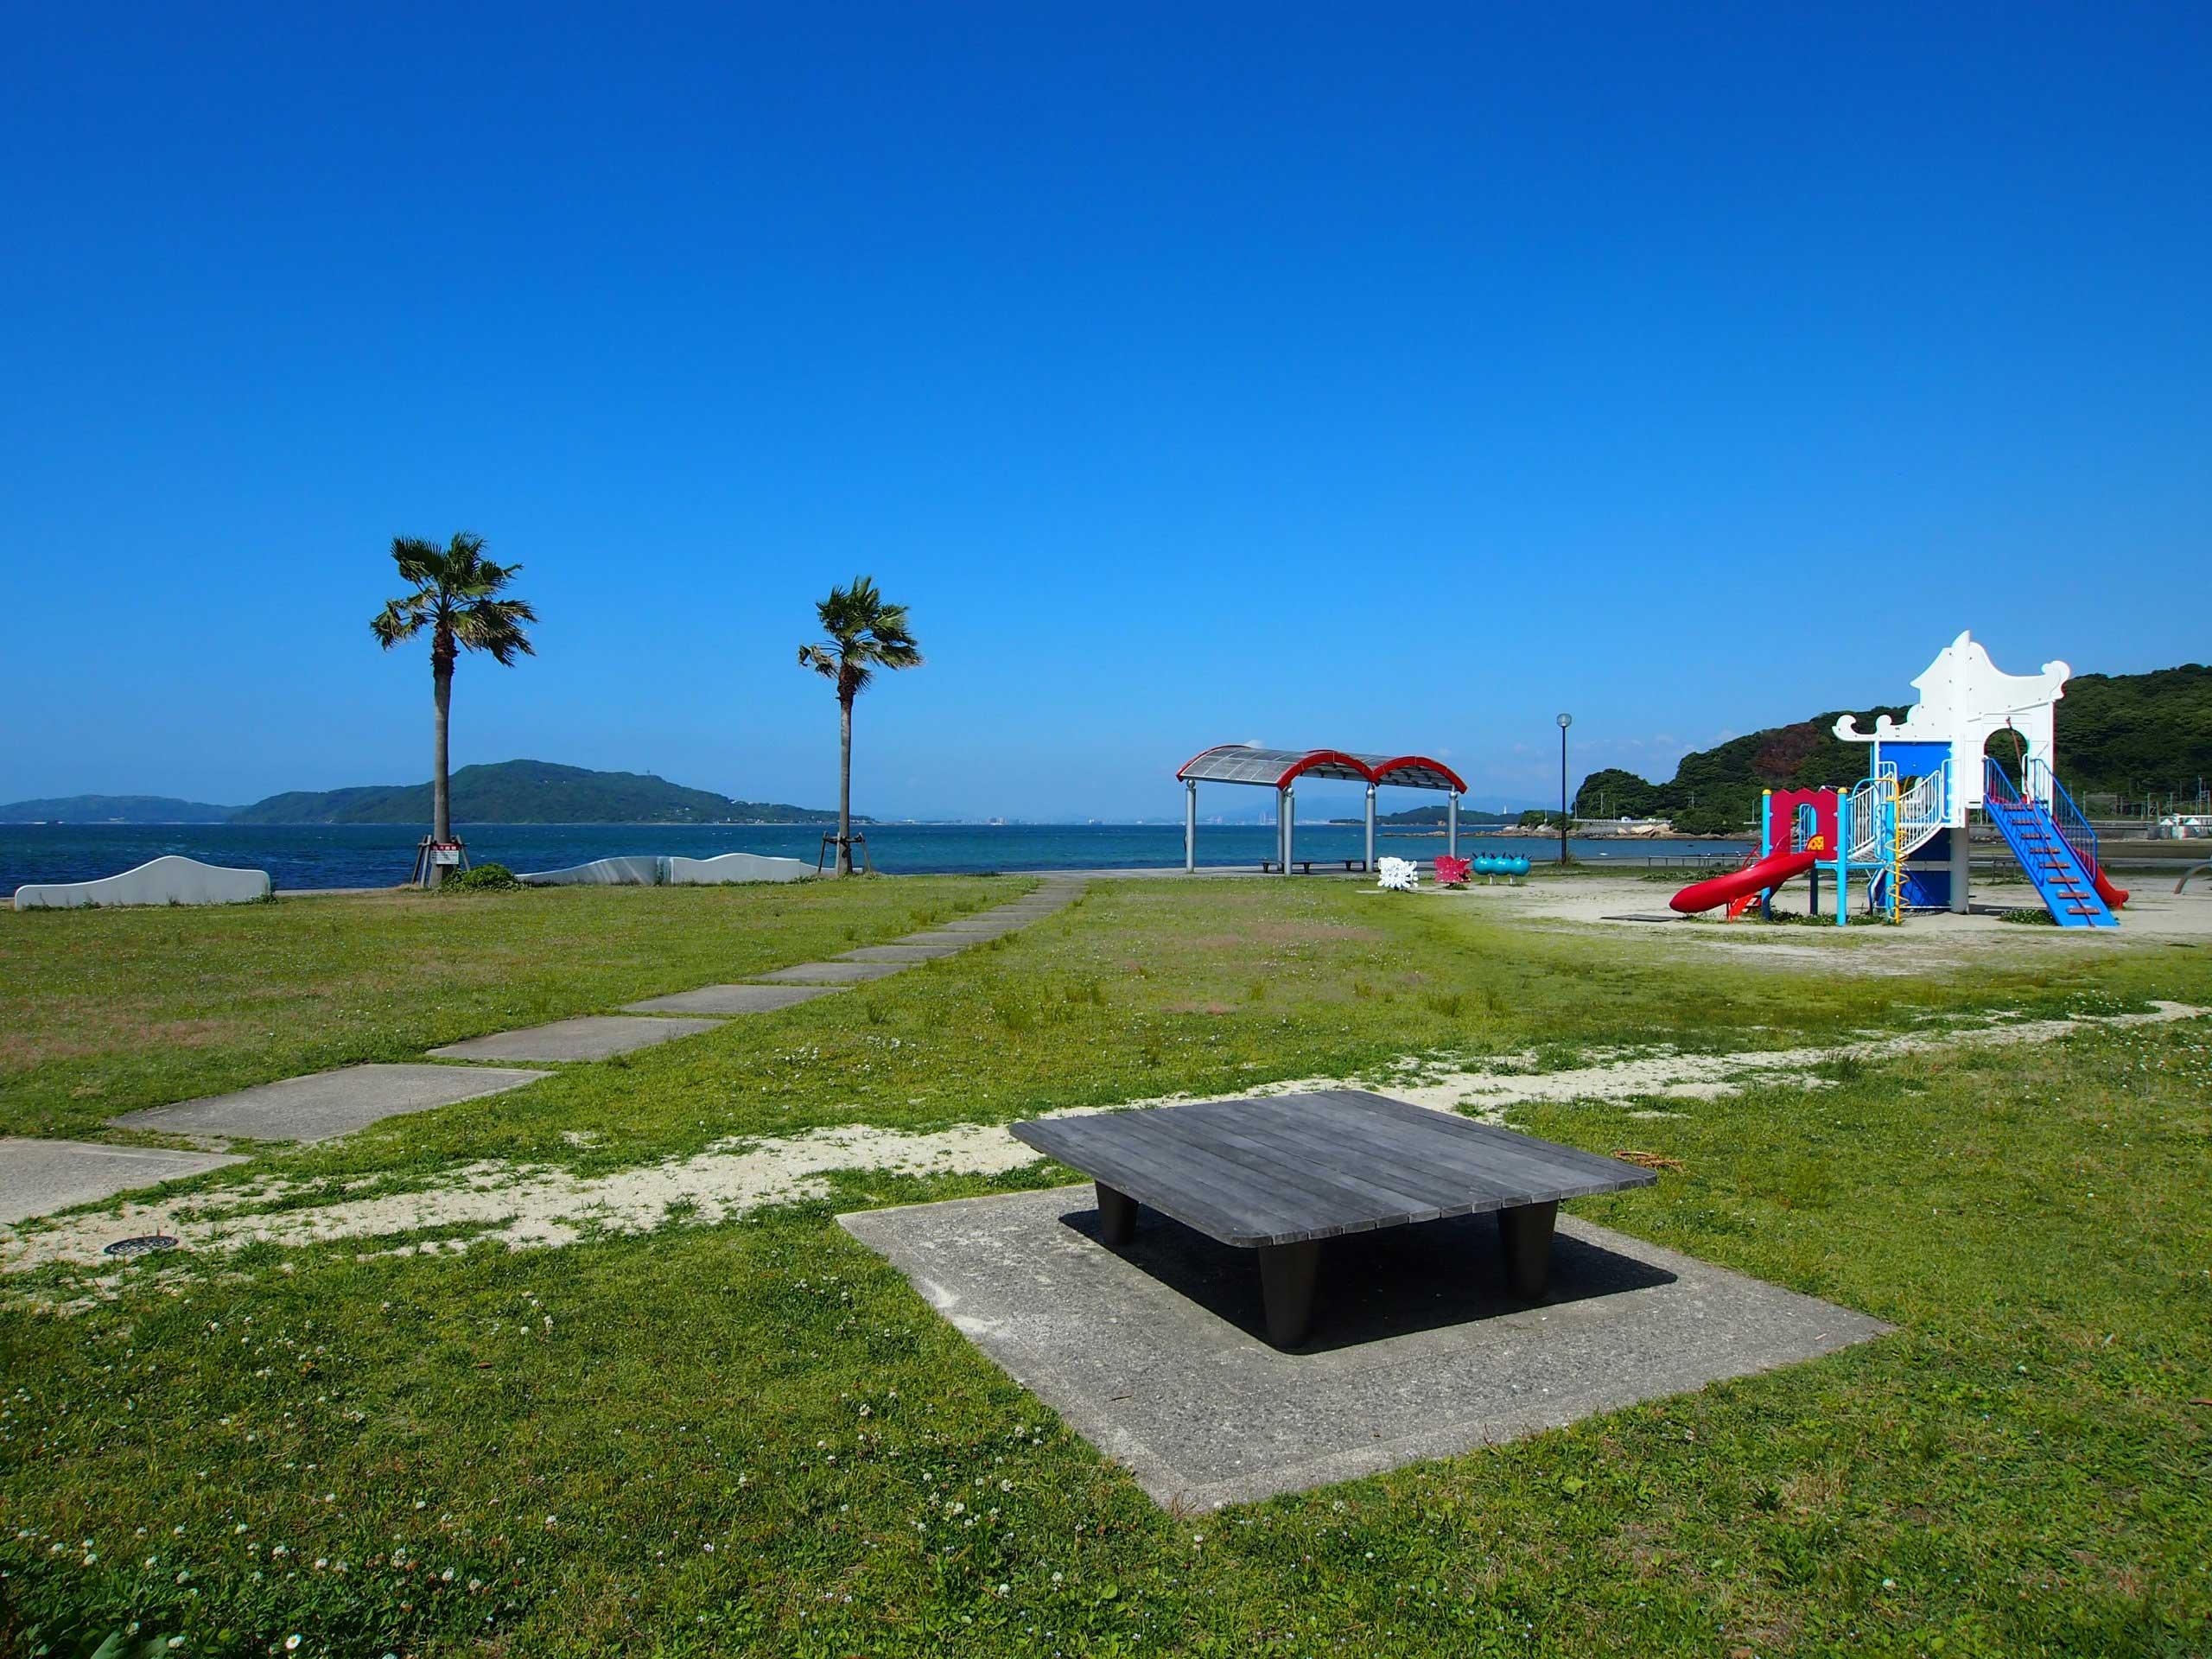 隣の隣は遊具もある長垂海浜公園